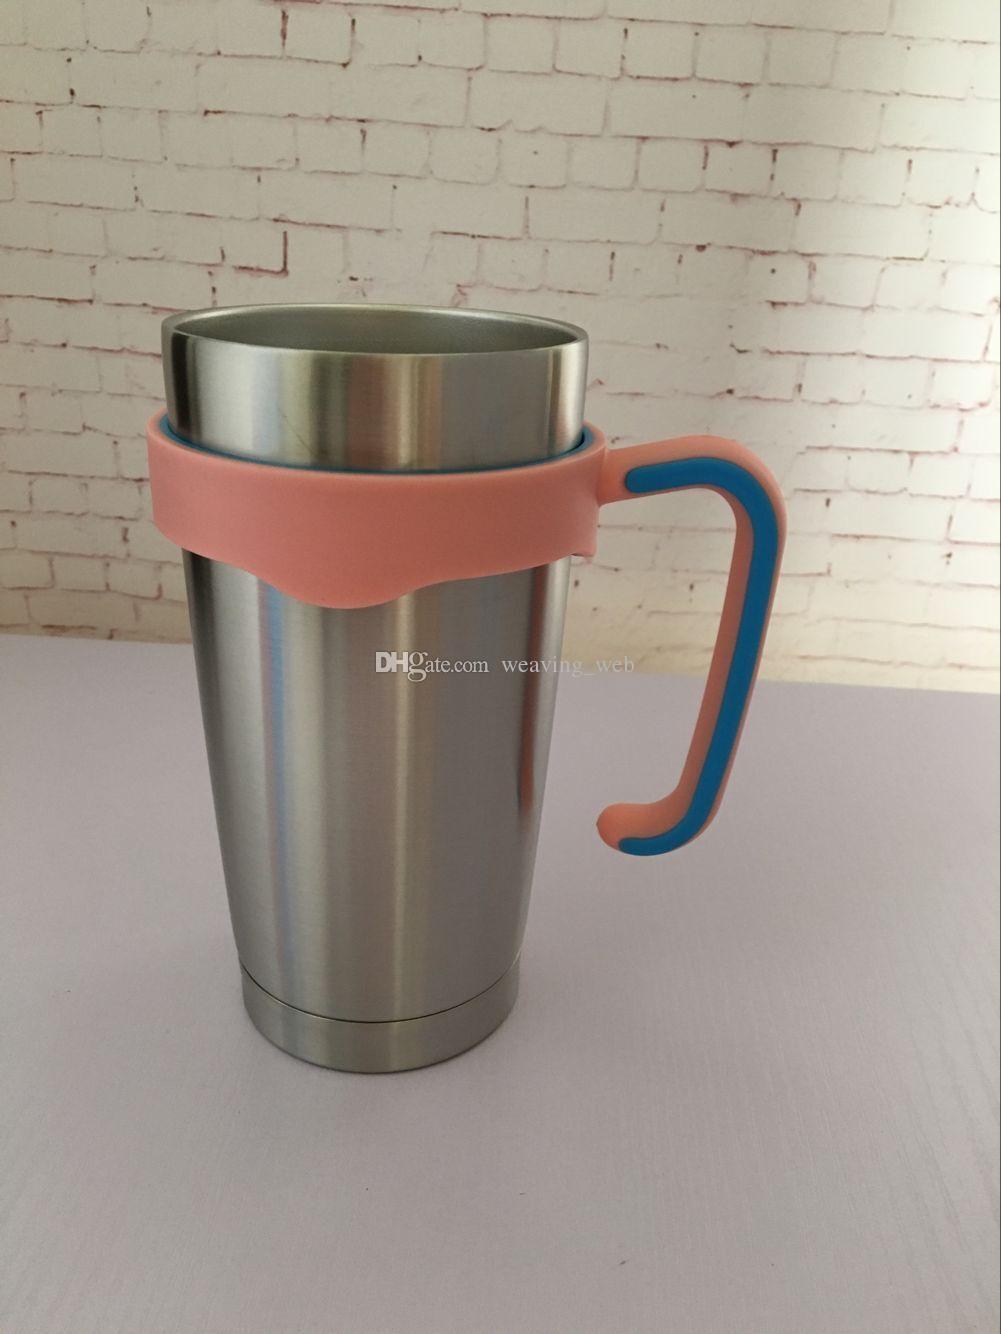 20 унций ручка чашки стакан ручка drinkware ручки черный розовый синий смешанные цвета для 20 унций чашки